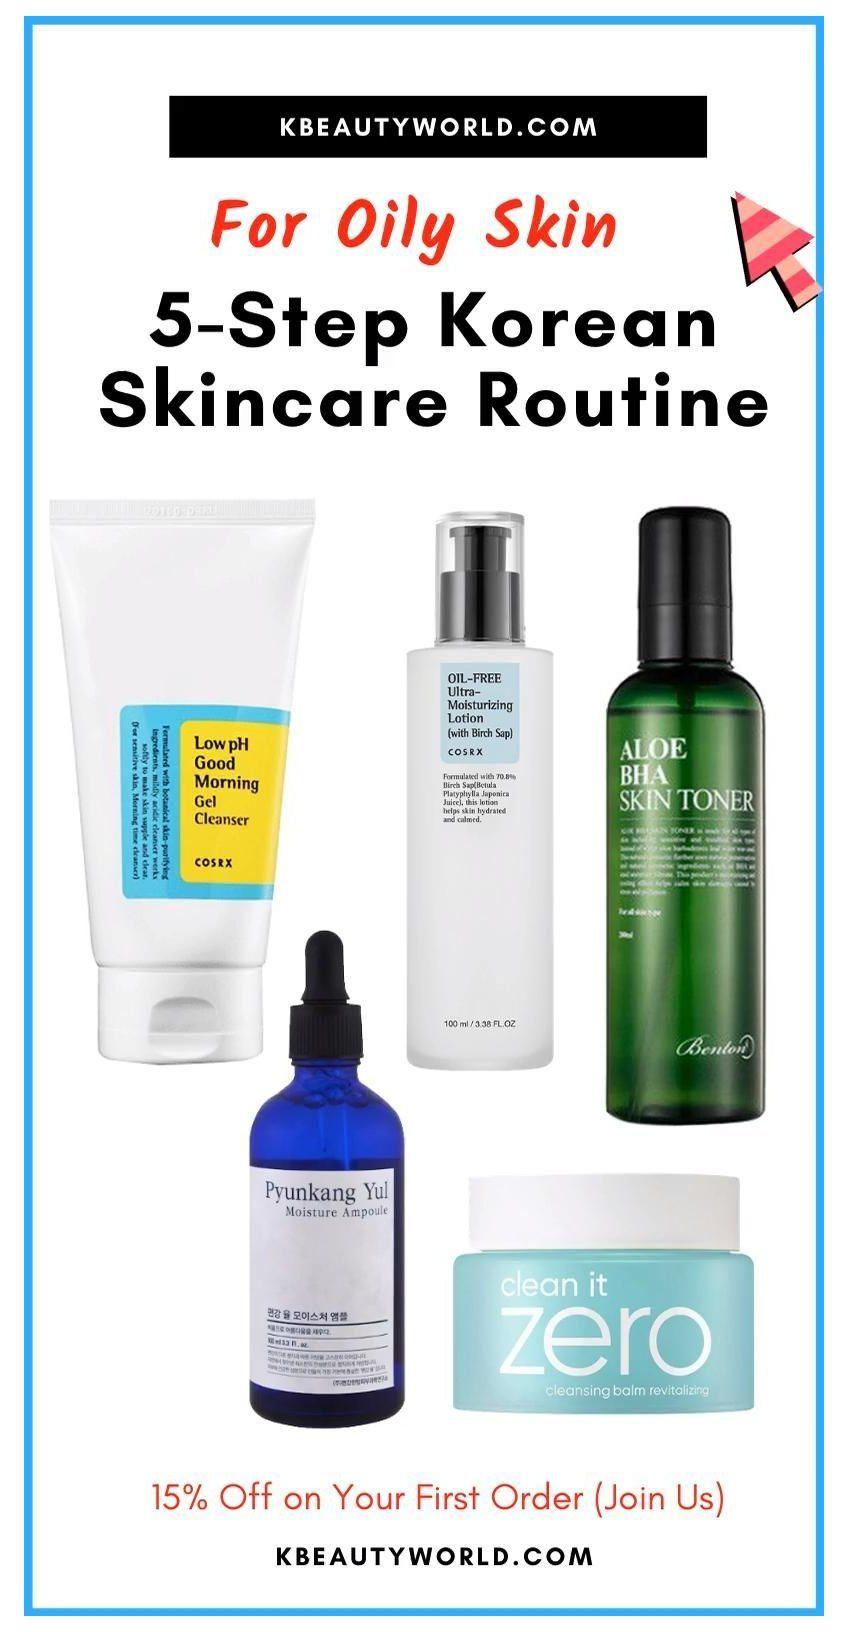 5 Step Korean Skin Care Routine For Oily Skin Skin Care Routine For Acne Drug Store A Daily Skin Car Oily Skin Skin Care Routine Korean Skincare Routine